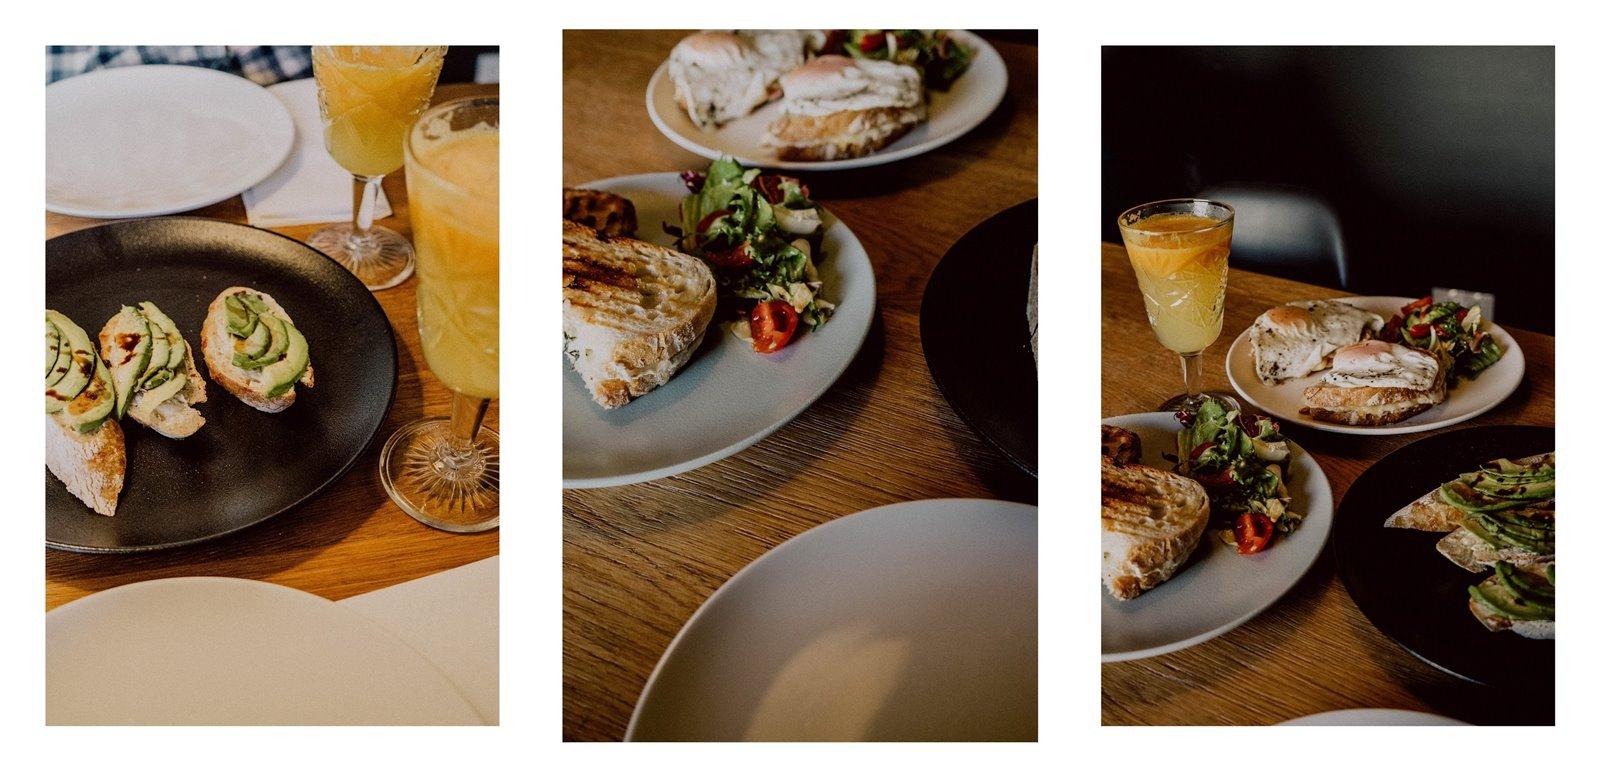 2a MONTAG bistro piekarnia najlepszy świeży chleb pieczywo w łodzi gdzie zjeść śniadania w łodzi, dobre jedzenie lunch ciekawe restauracje w Łodzi na śniadanie rano jedzenie